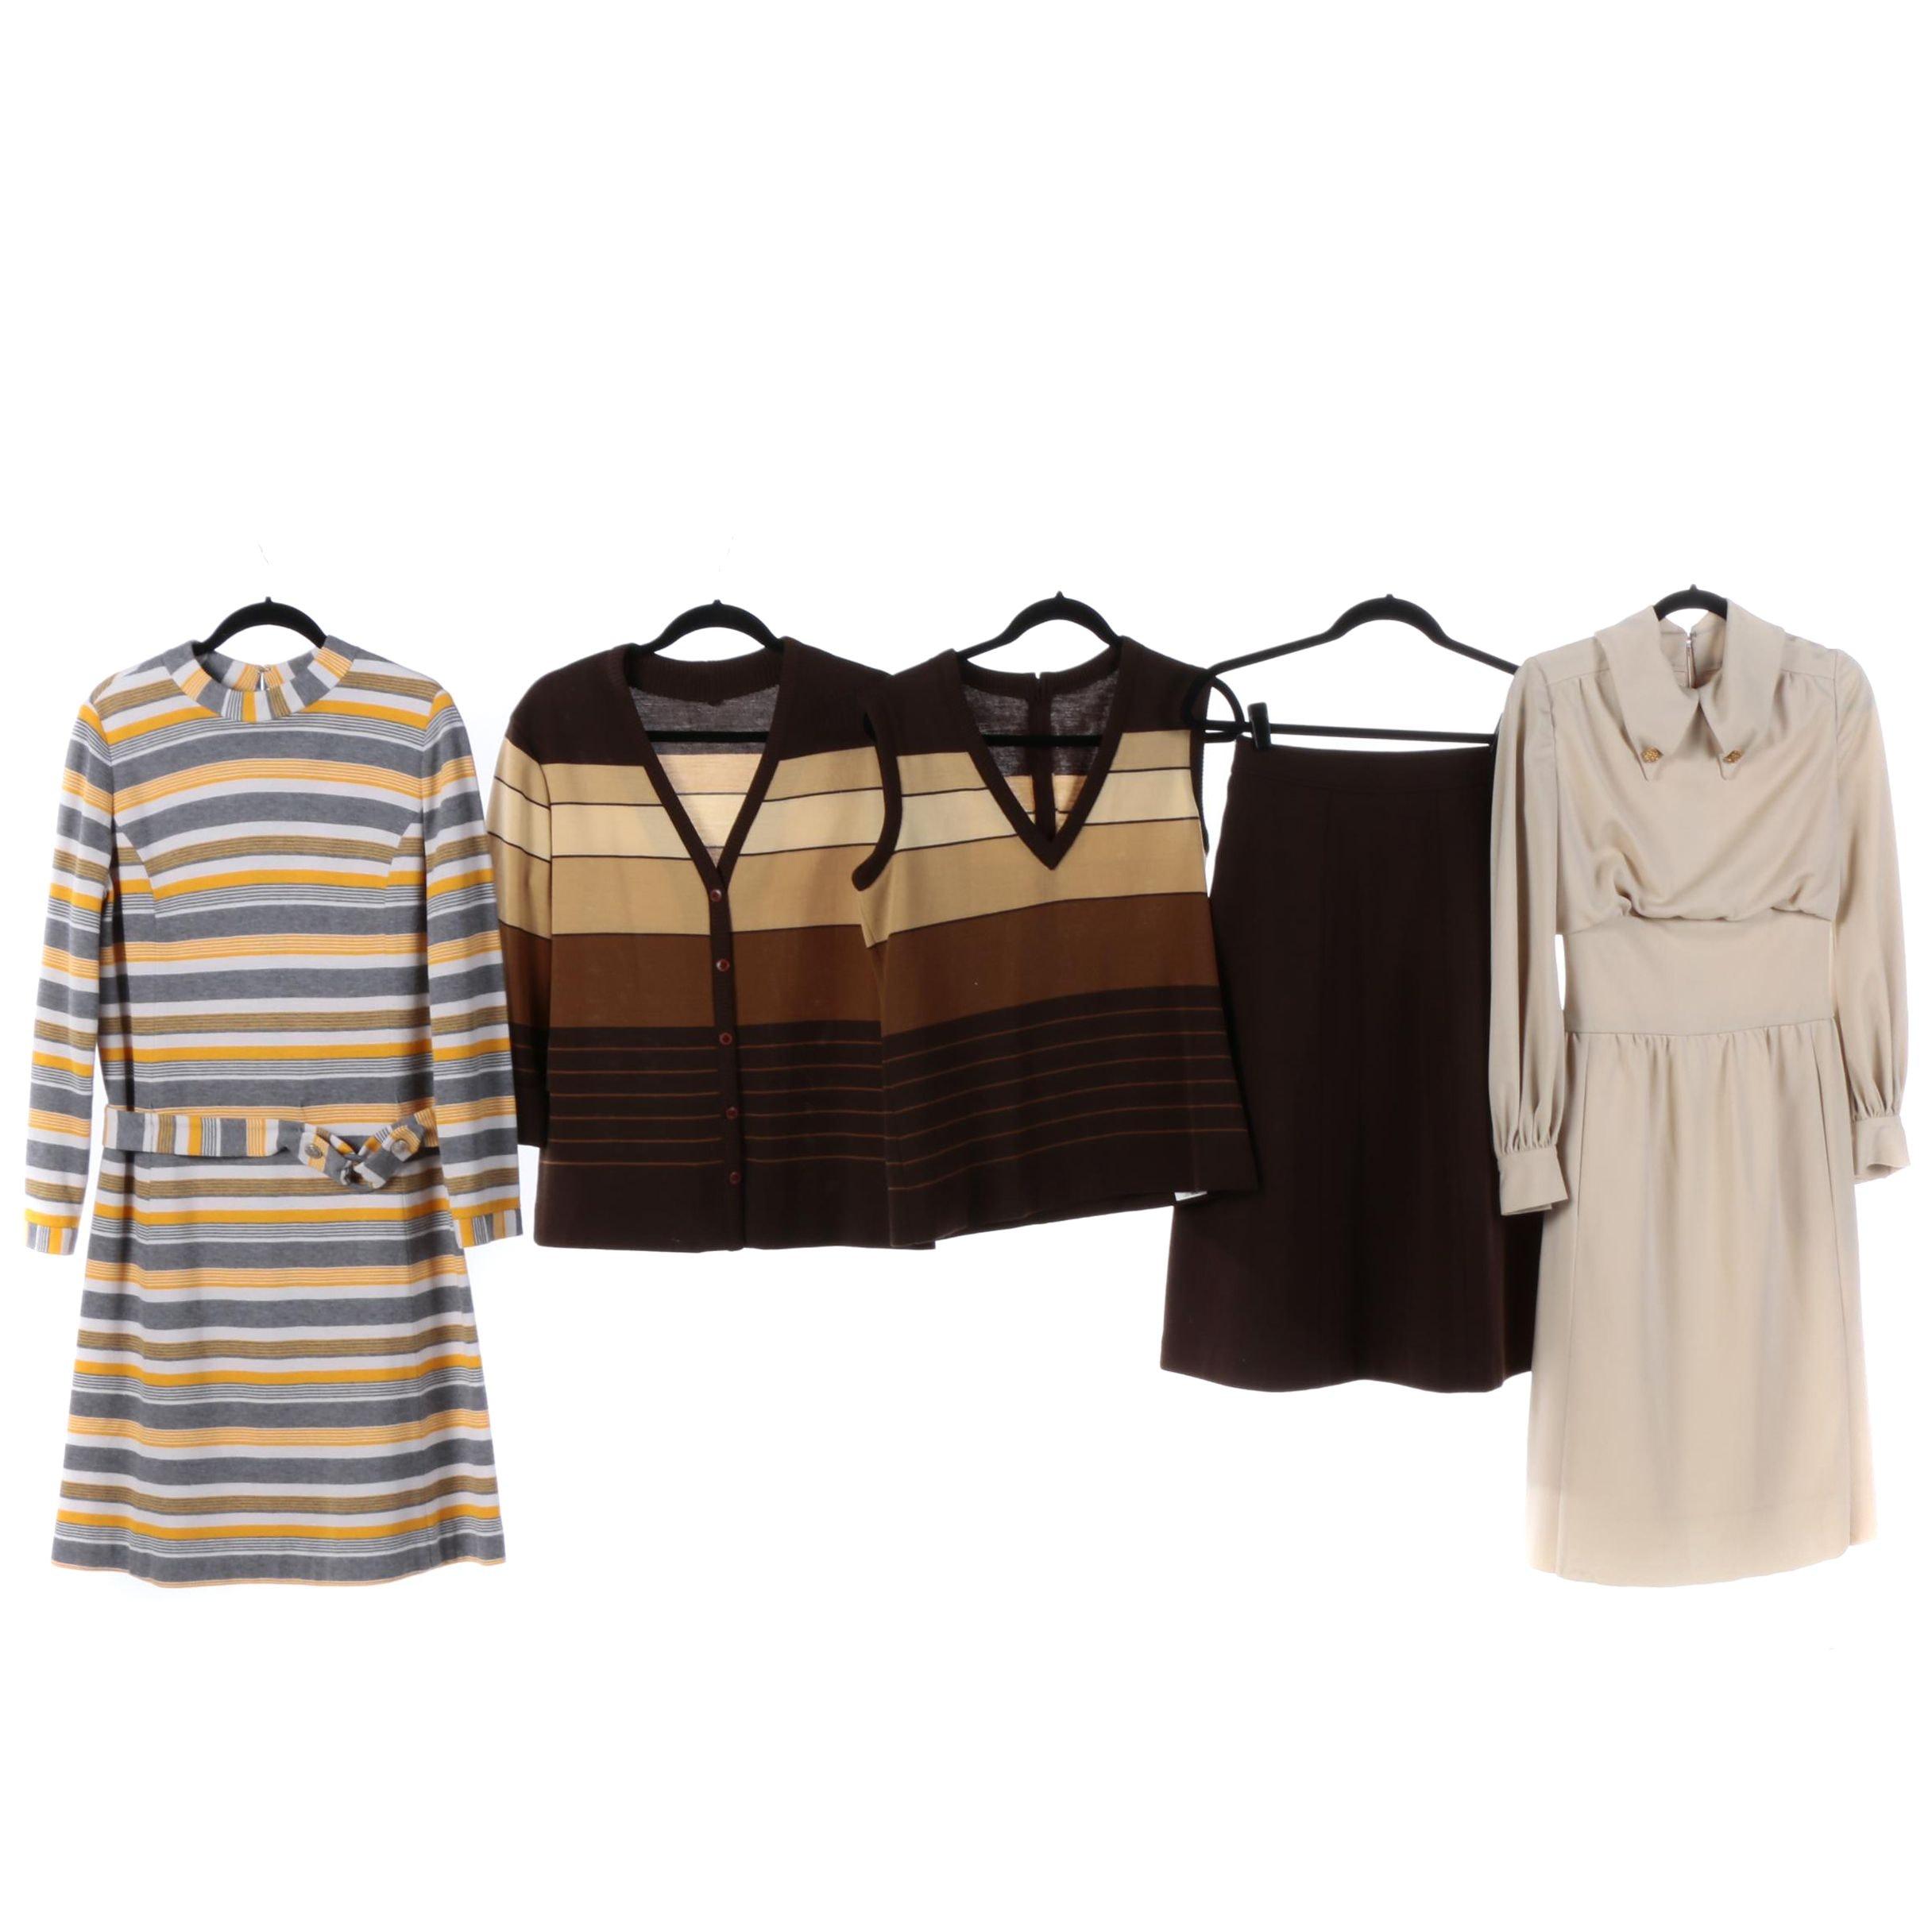 1970s Vintage Knit Dresses Including Mr. Mort, Made in Belgium